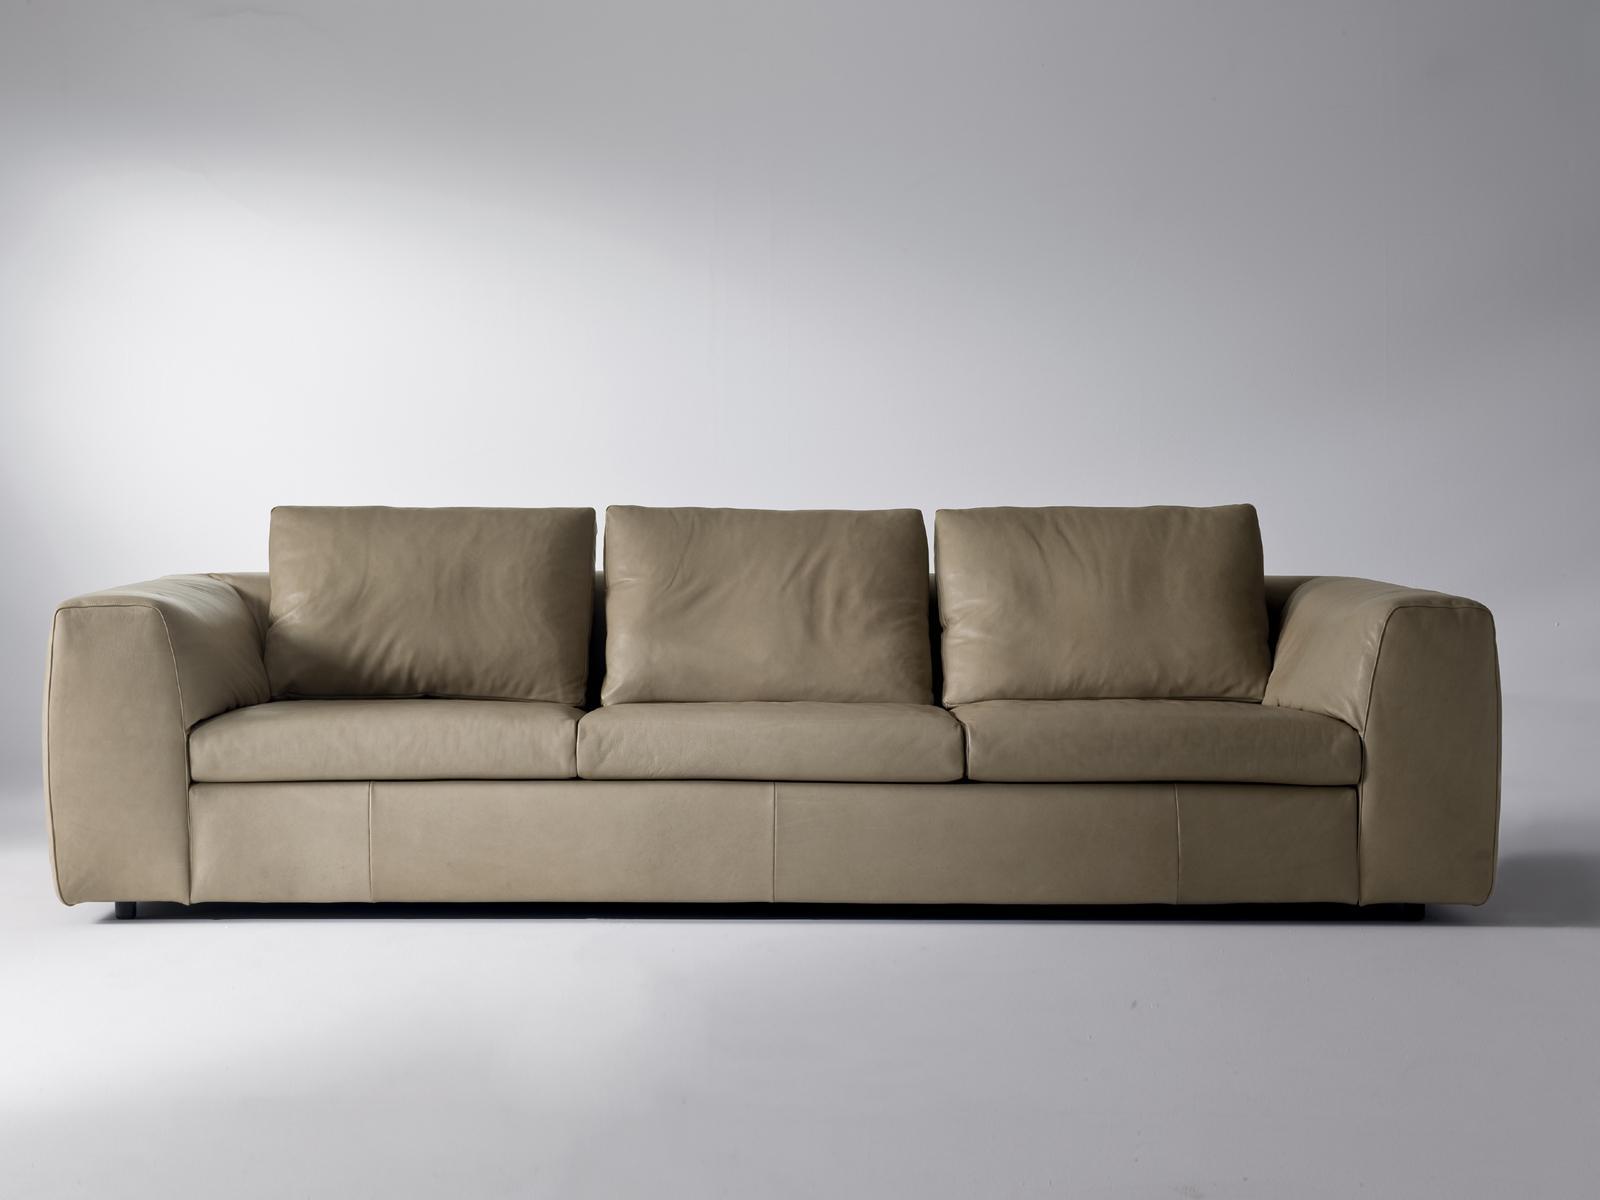 Kristall | 3 Seater Sofai 4 Mariani Design Mauro Lipparini Within Three Seater Sofas (View 14 of 20)